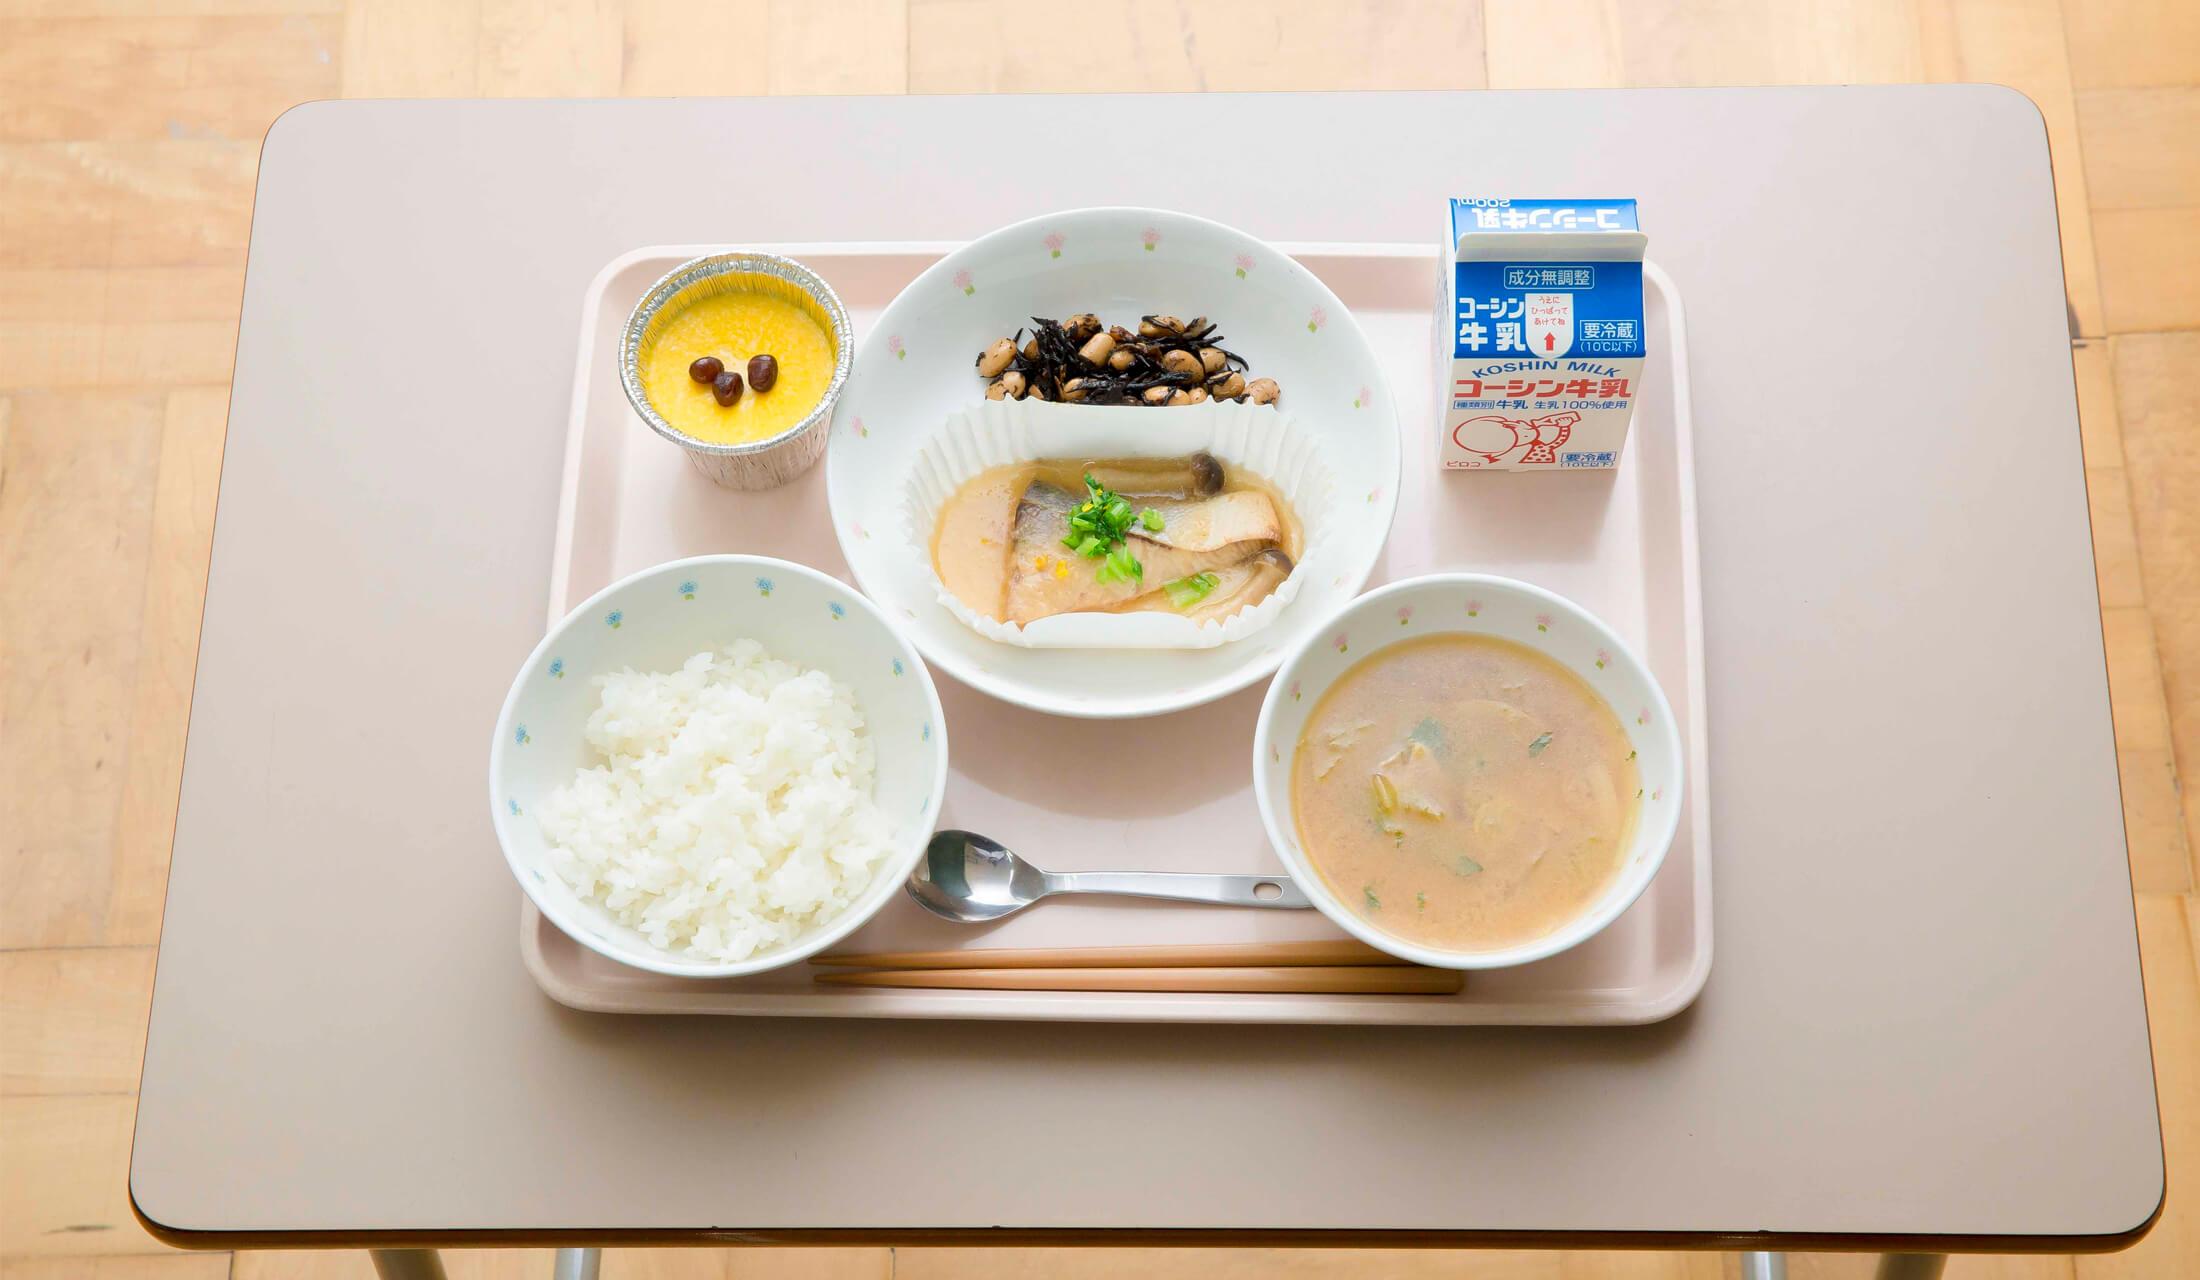 お盆の上に白米、汁物、魚料理、ひじき、牛乳、かぼちゃプリンが並ぶ学校給食